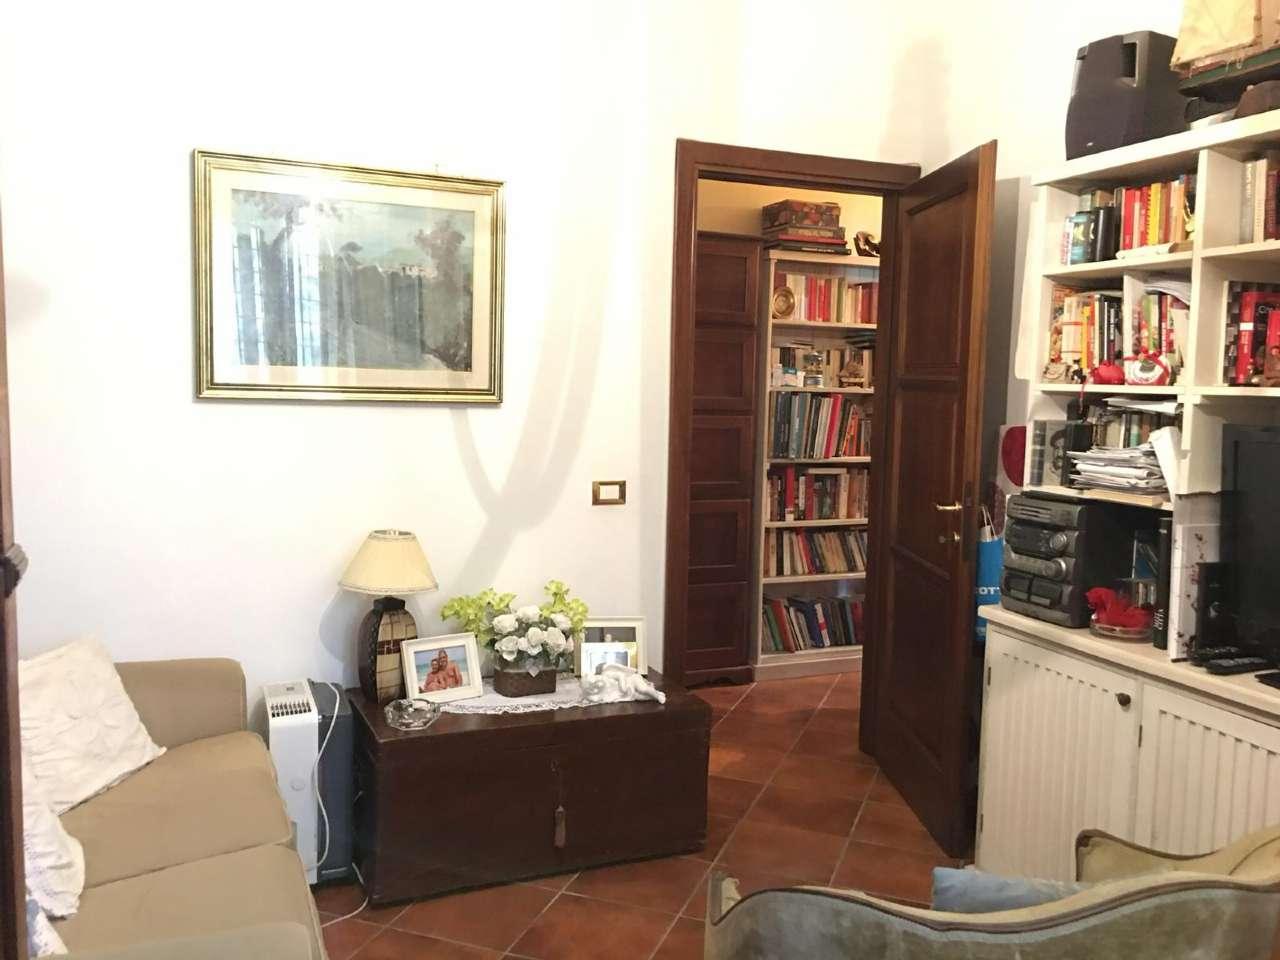 Appartamento in vendita a Guidonia Montecelio, 3 locali, prezzo € 169.000 | CambioCasa.it